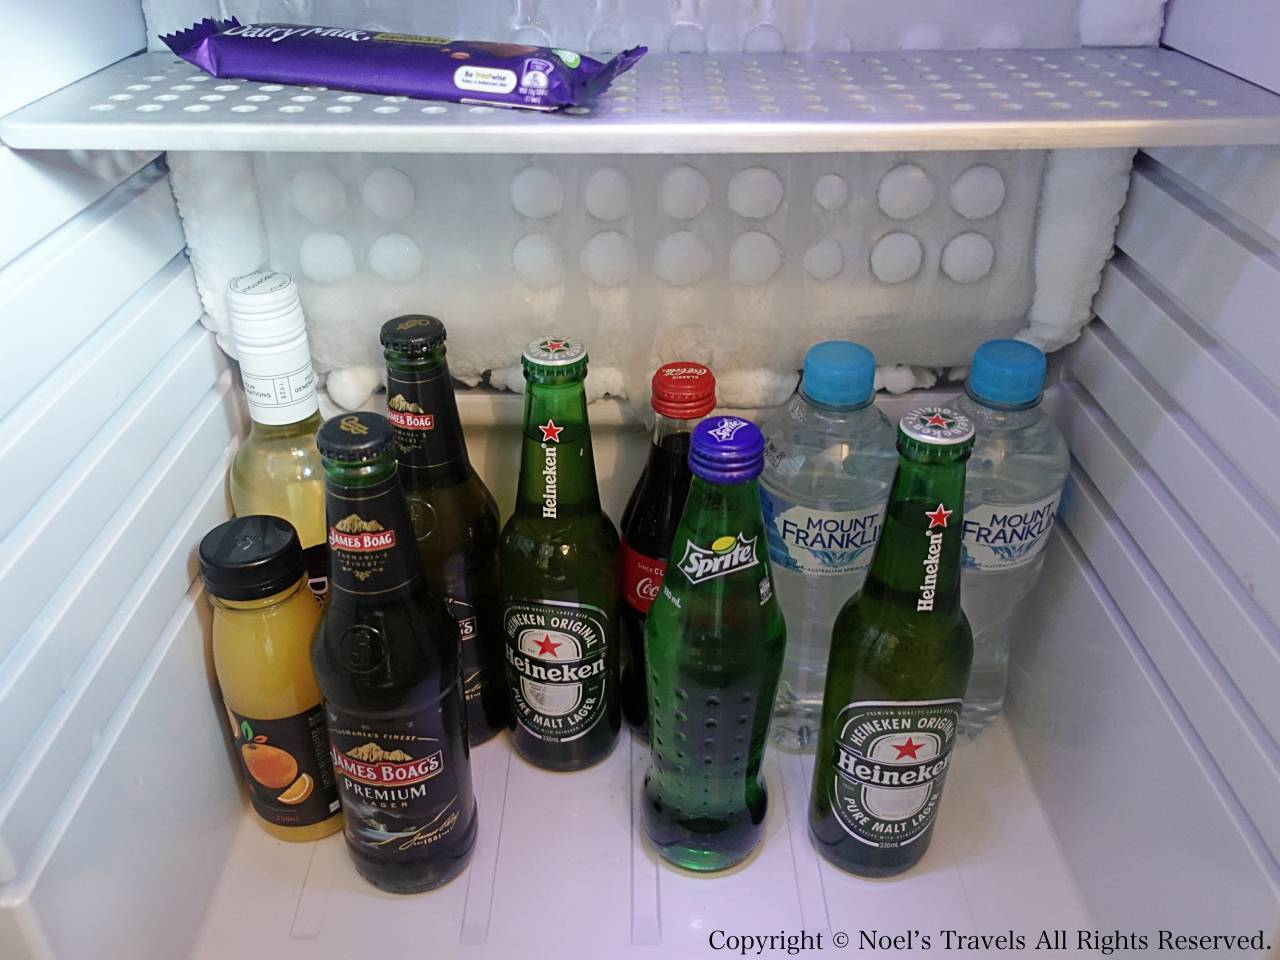 ノボテル・メルボルン・オン・コリンズの冷蔵庫